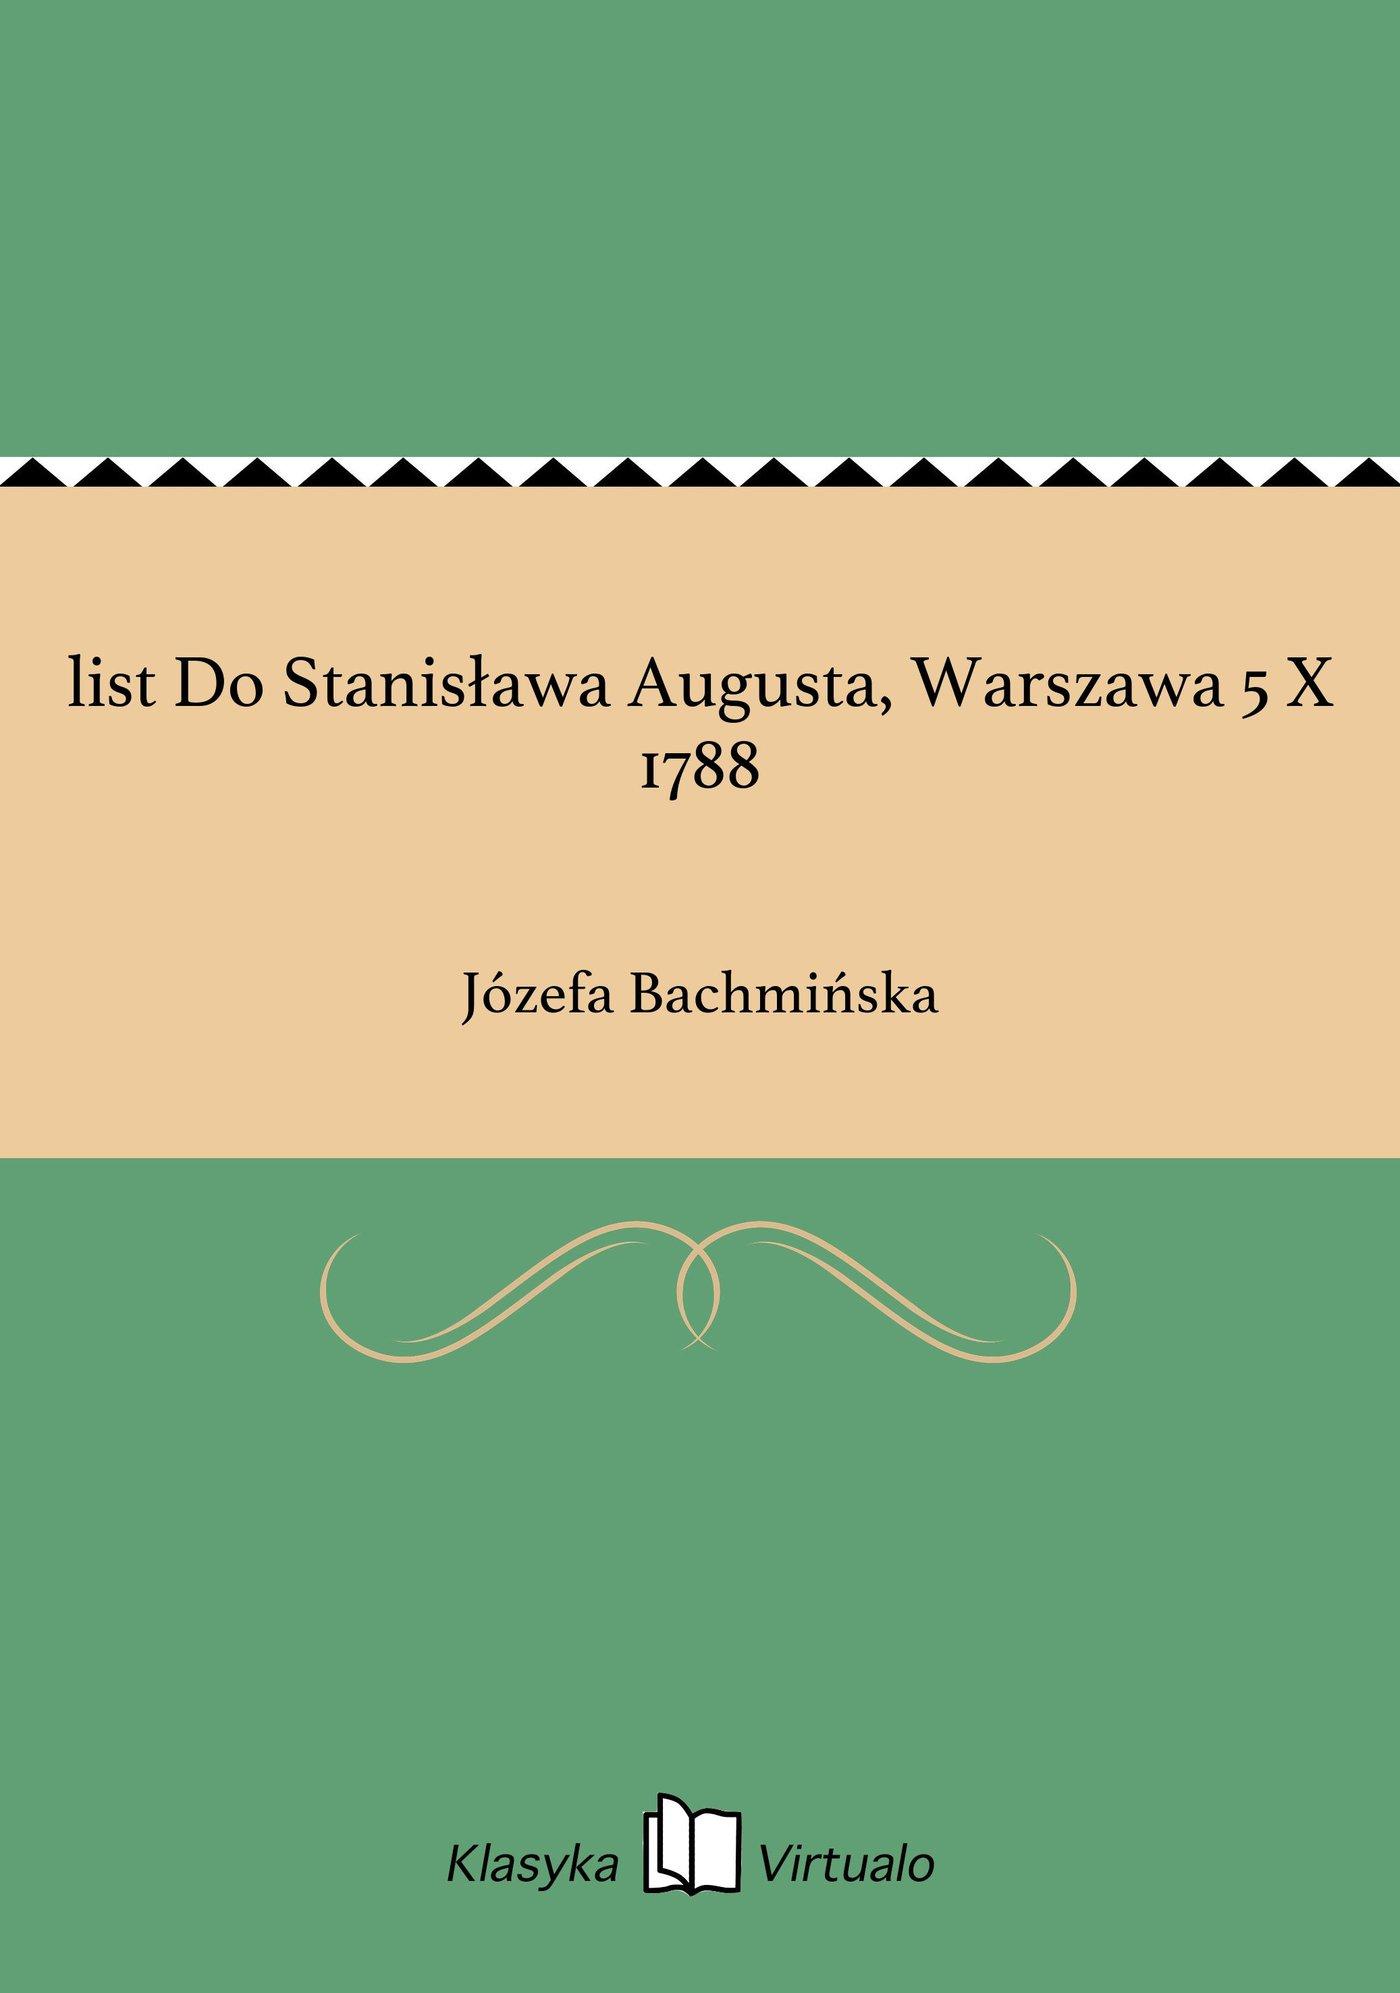 list Do Stanisława Augusta, Warszawa 5 X 1788 - Ebook (Książka EPUB) do pobrania w formacie EPUB